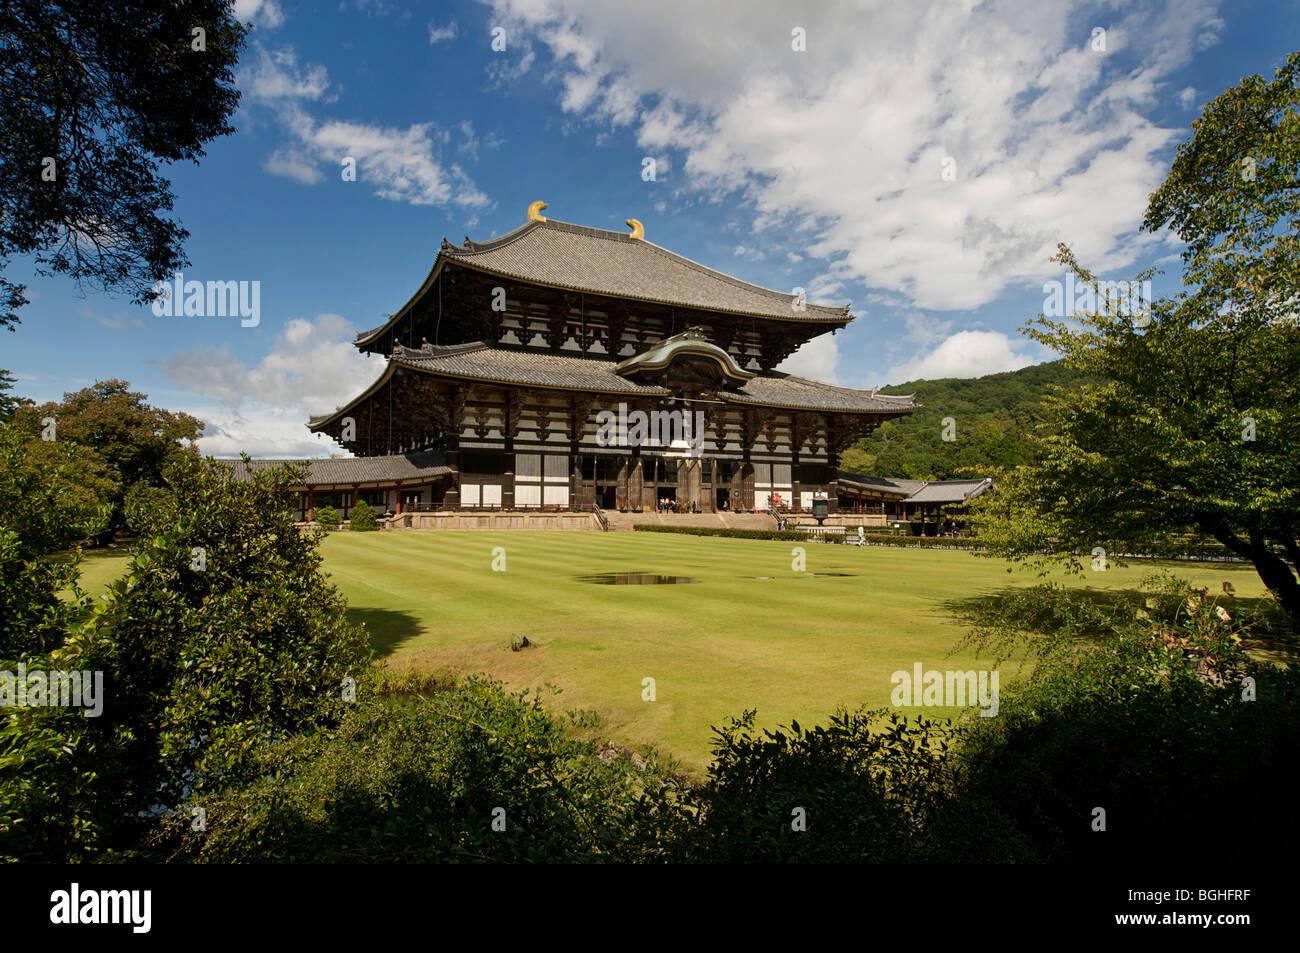 Todaiji temple and gardens, Nara, Japan - Stock Image